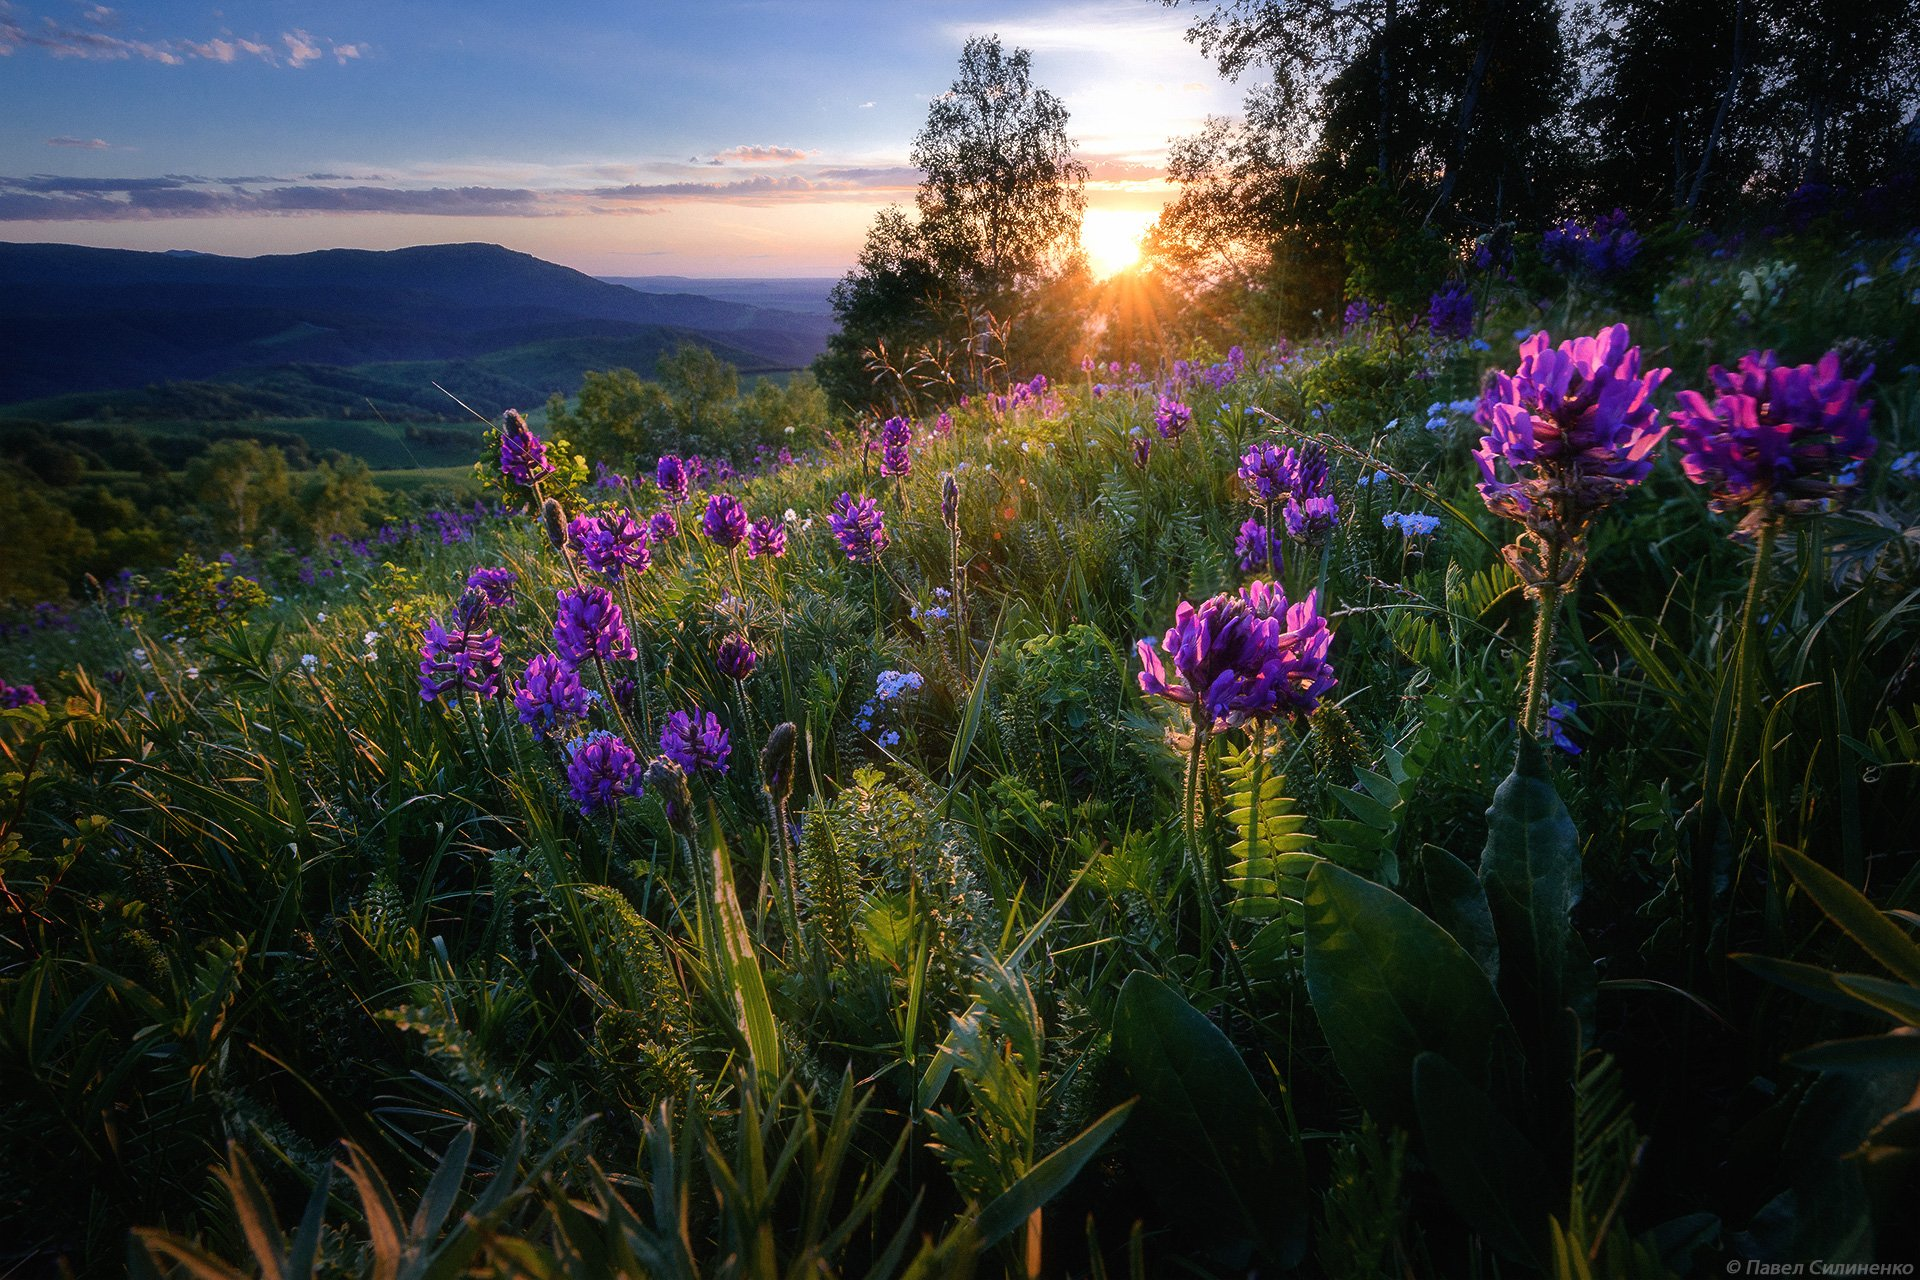 алтай, белокуриха, пейзаж, закат, вечер, лето, свет, цветы, Павел Силиненко